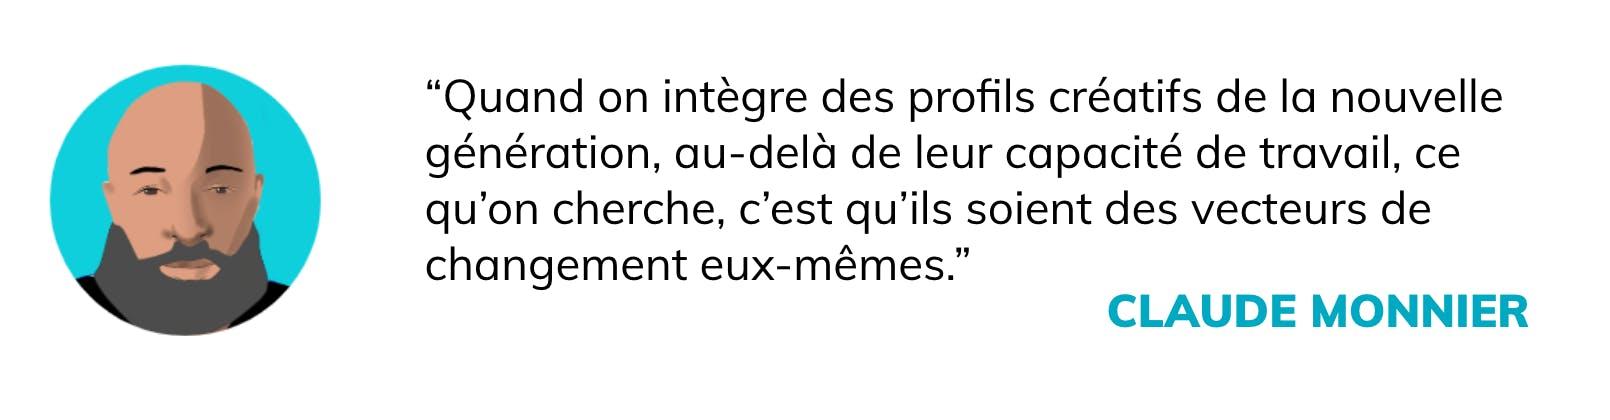 Citation Claude Monnier :